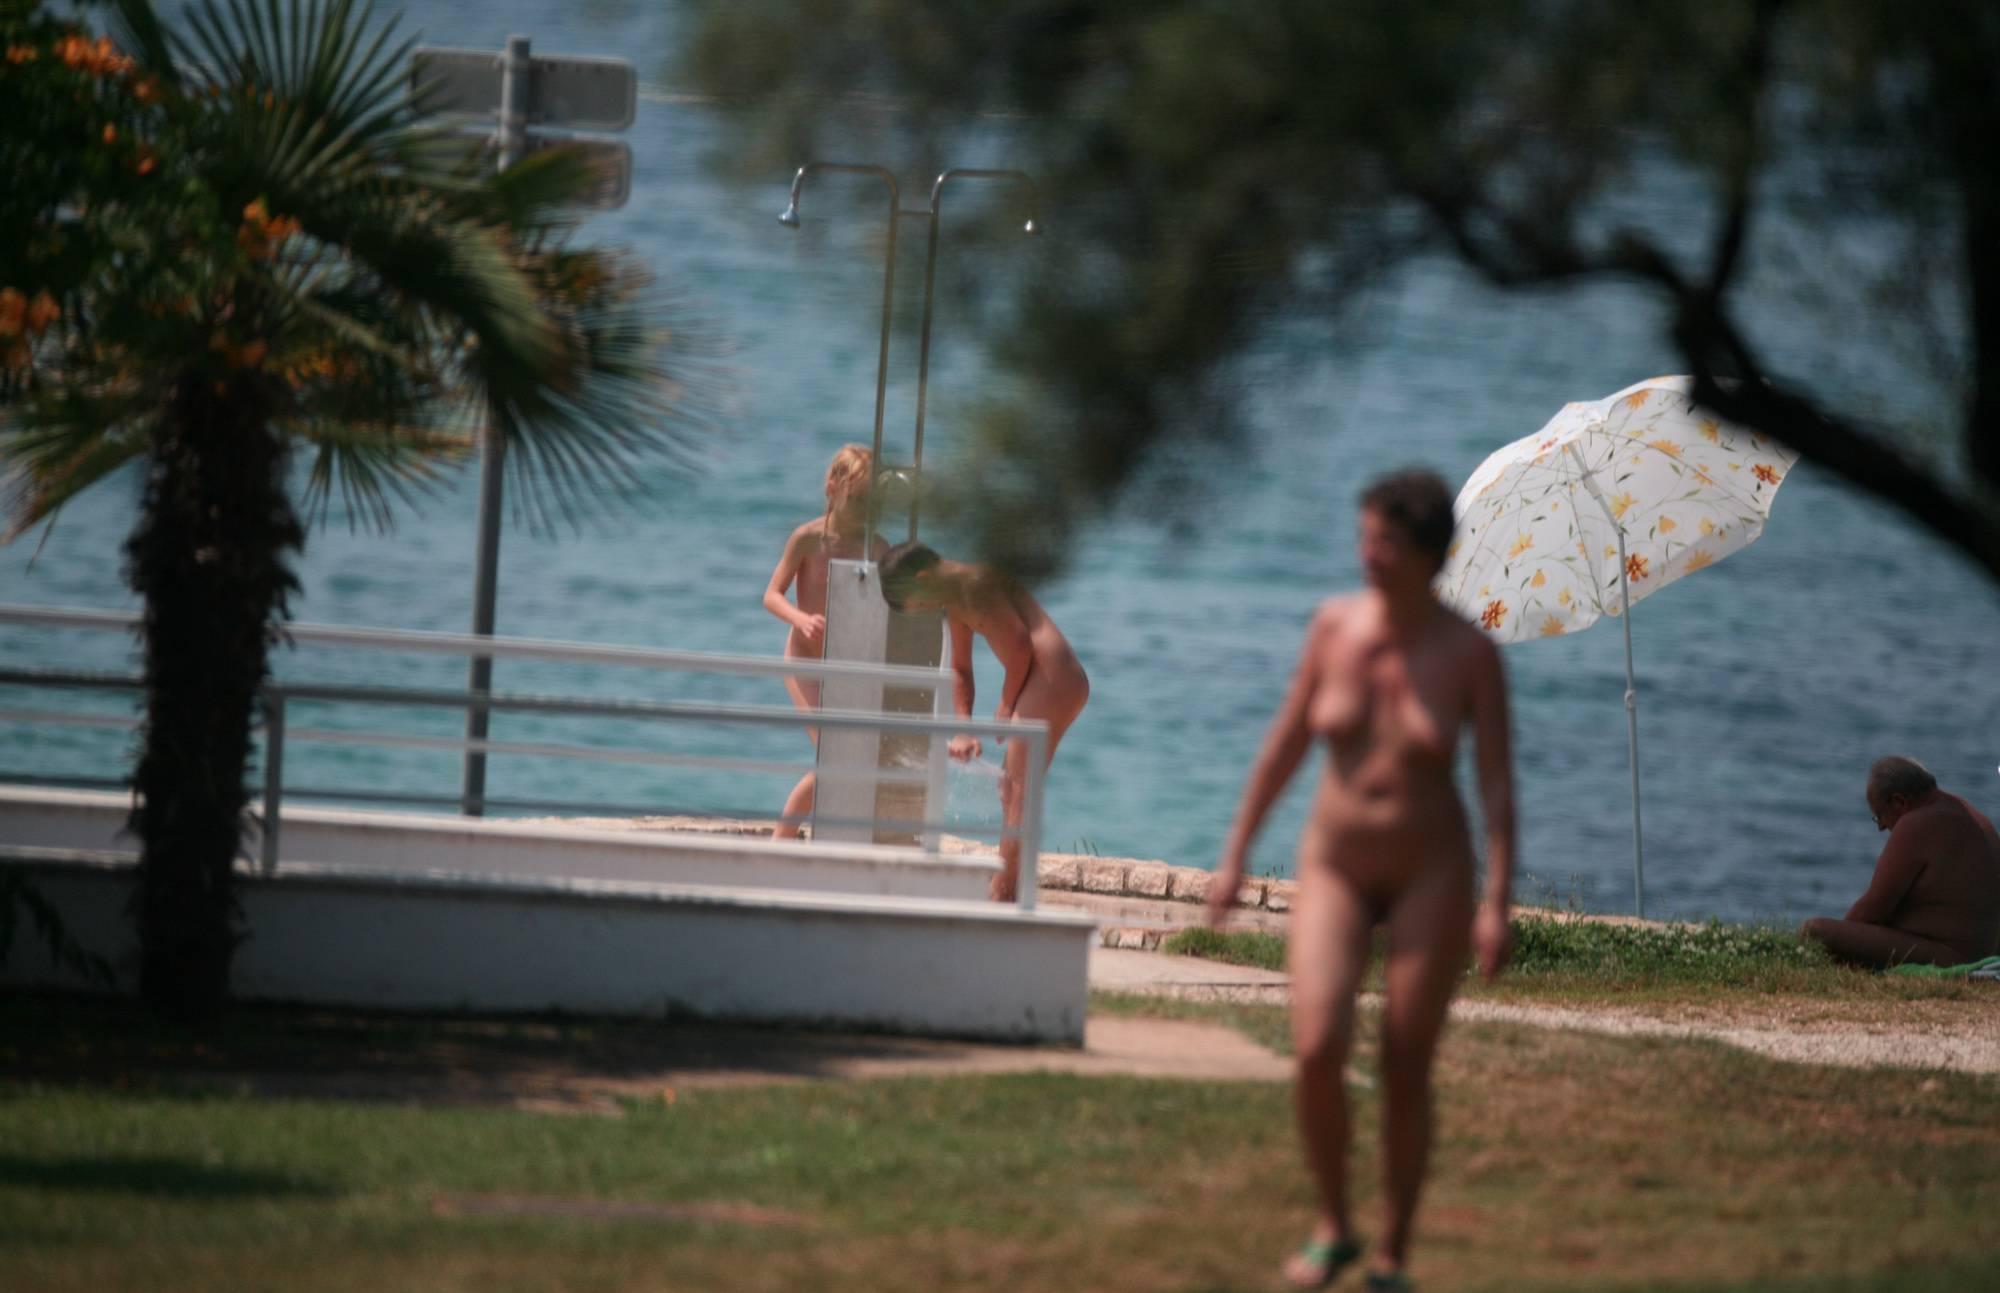 Nudist Pics Nudist Sunny Day Friends - 2